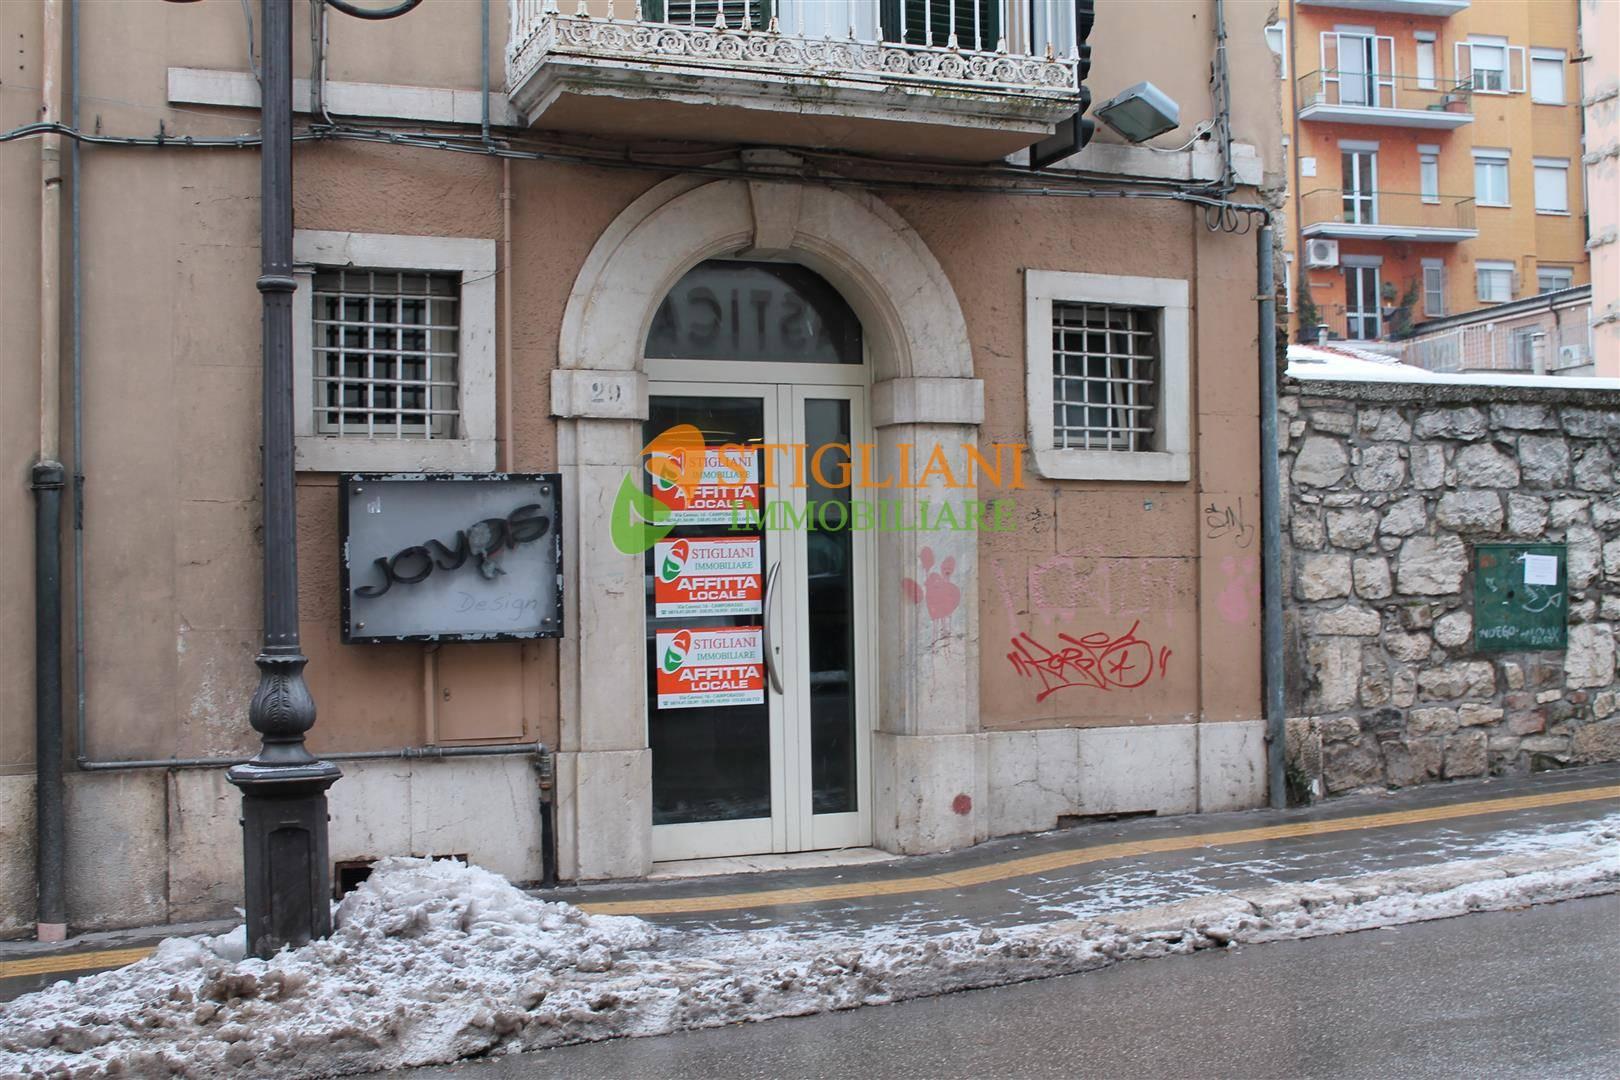 Negozio / Locale in affitto a Campobasso, 9999 locali, zona Zona: Centro, prezzo € 650 | CambioCasa.it